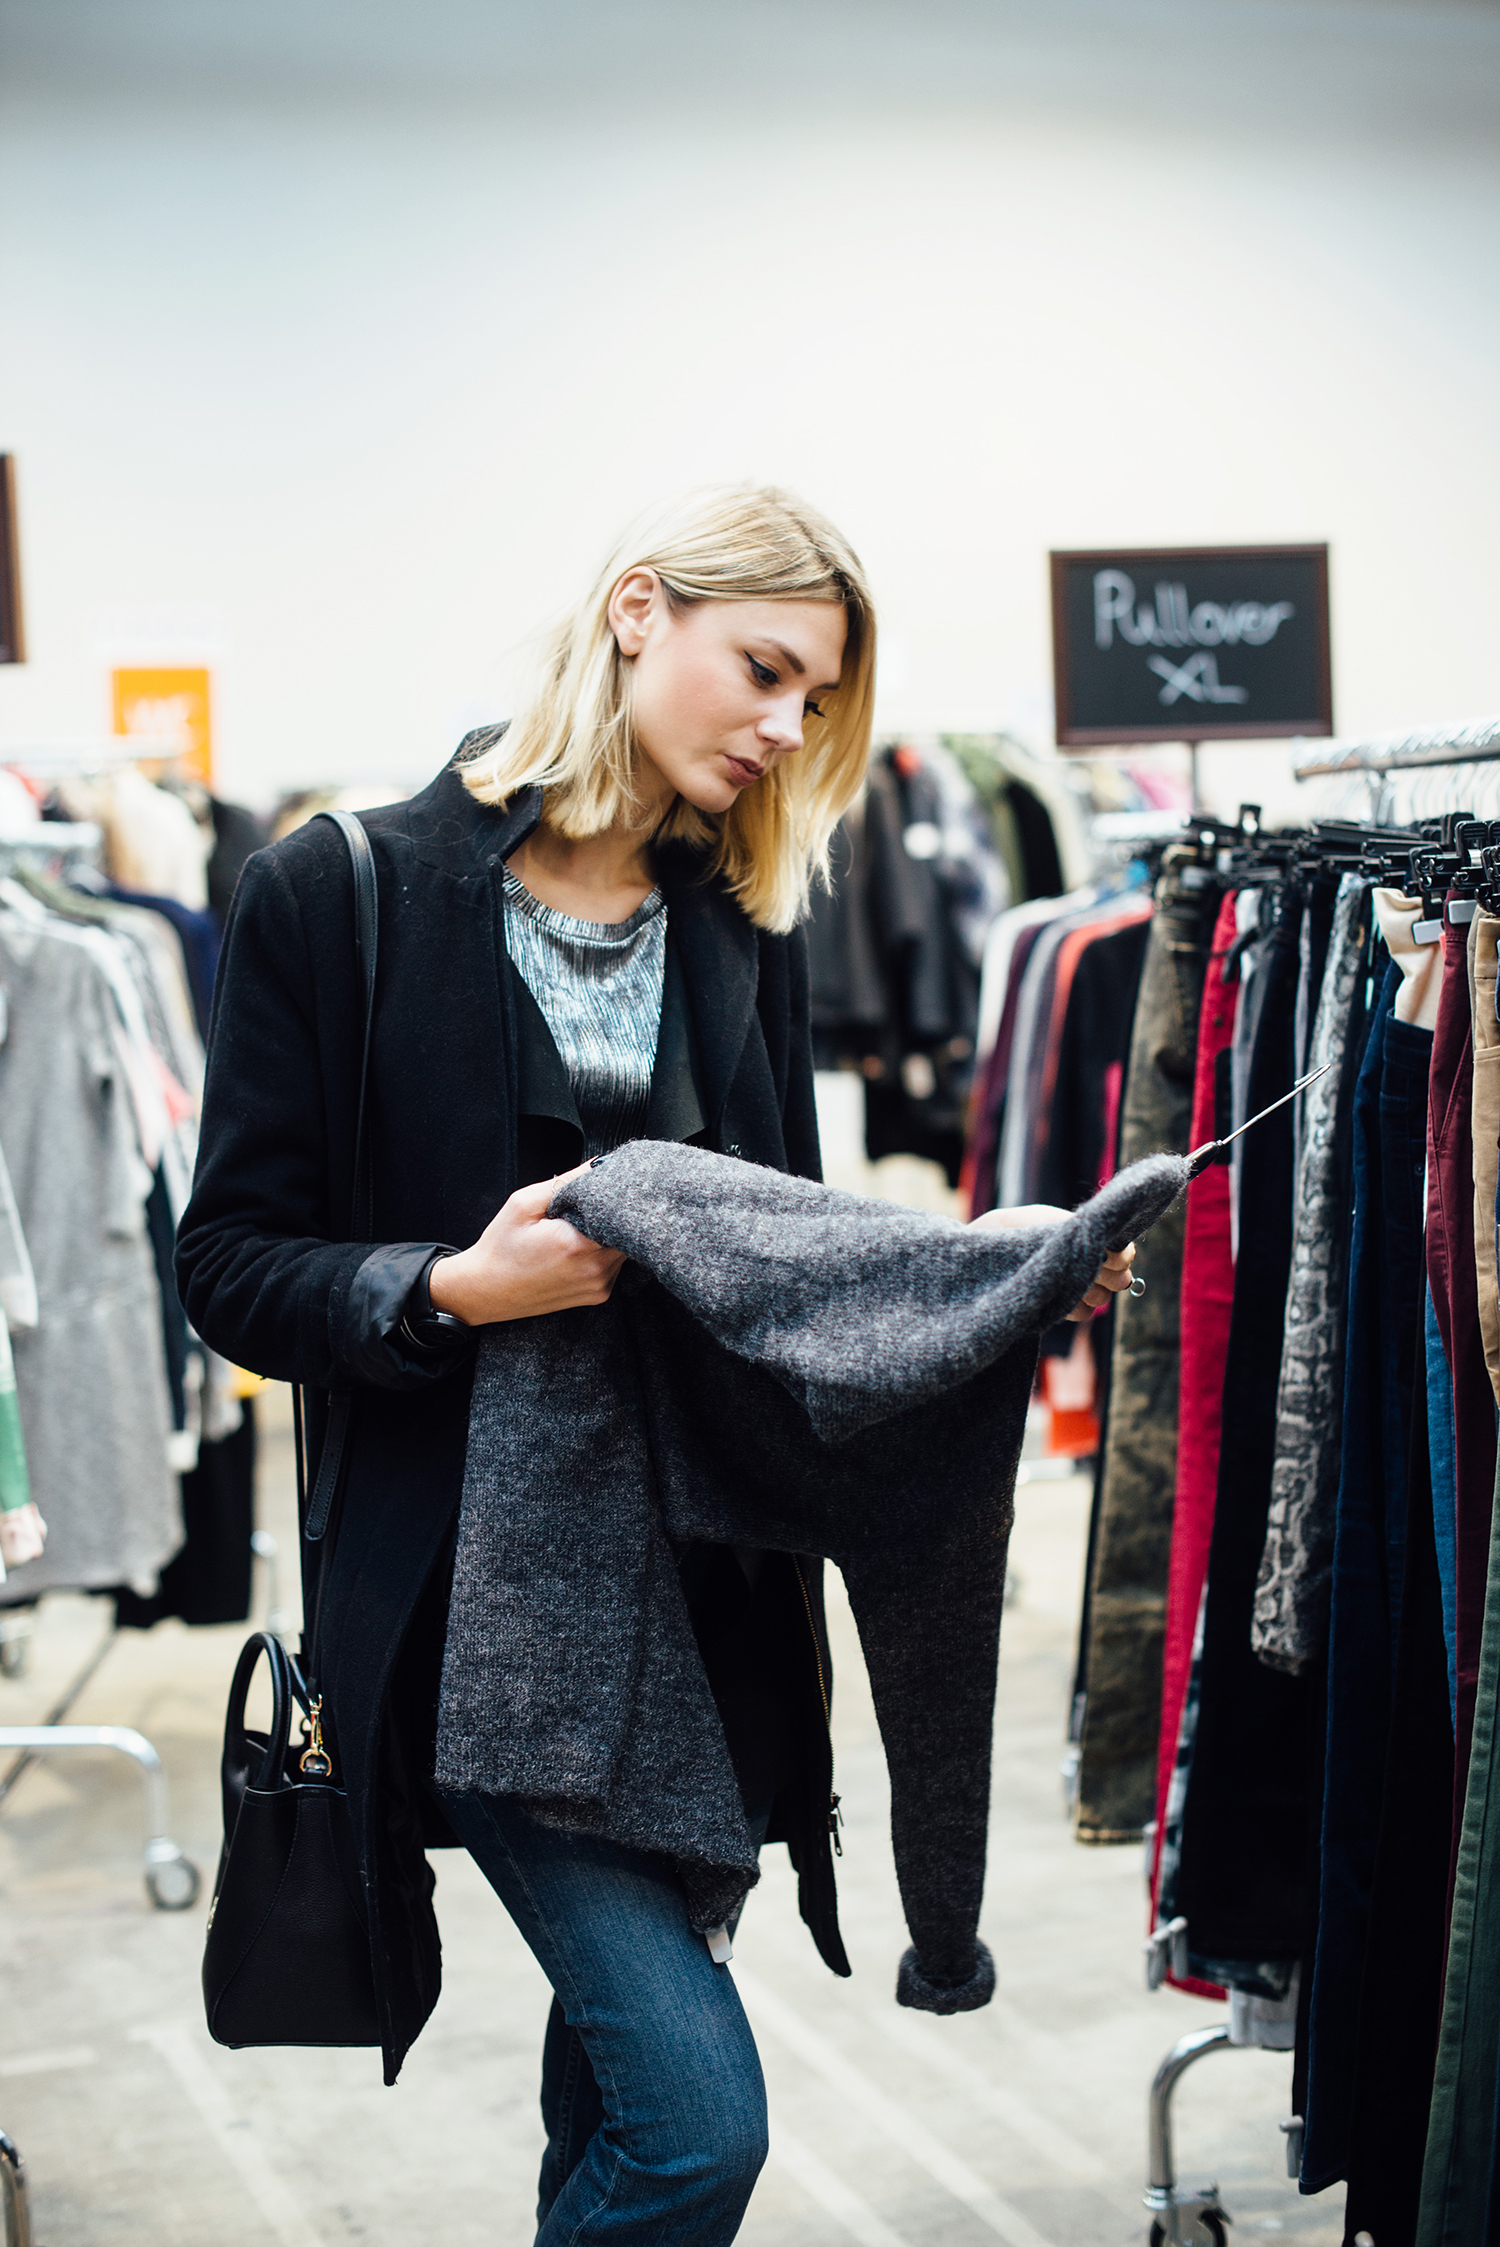 fashion-flash-erfahrung_goettingen-lokhalle_outfit_inspiration_fashionblog_modeblog_kiamisu-5